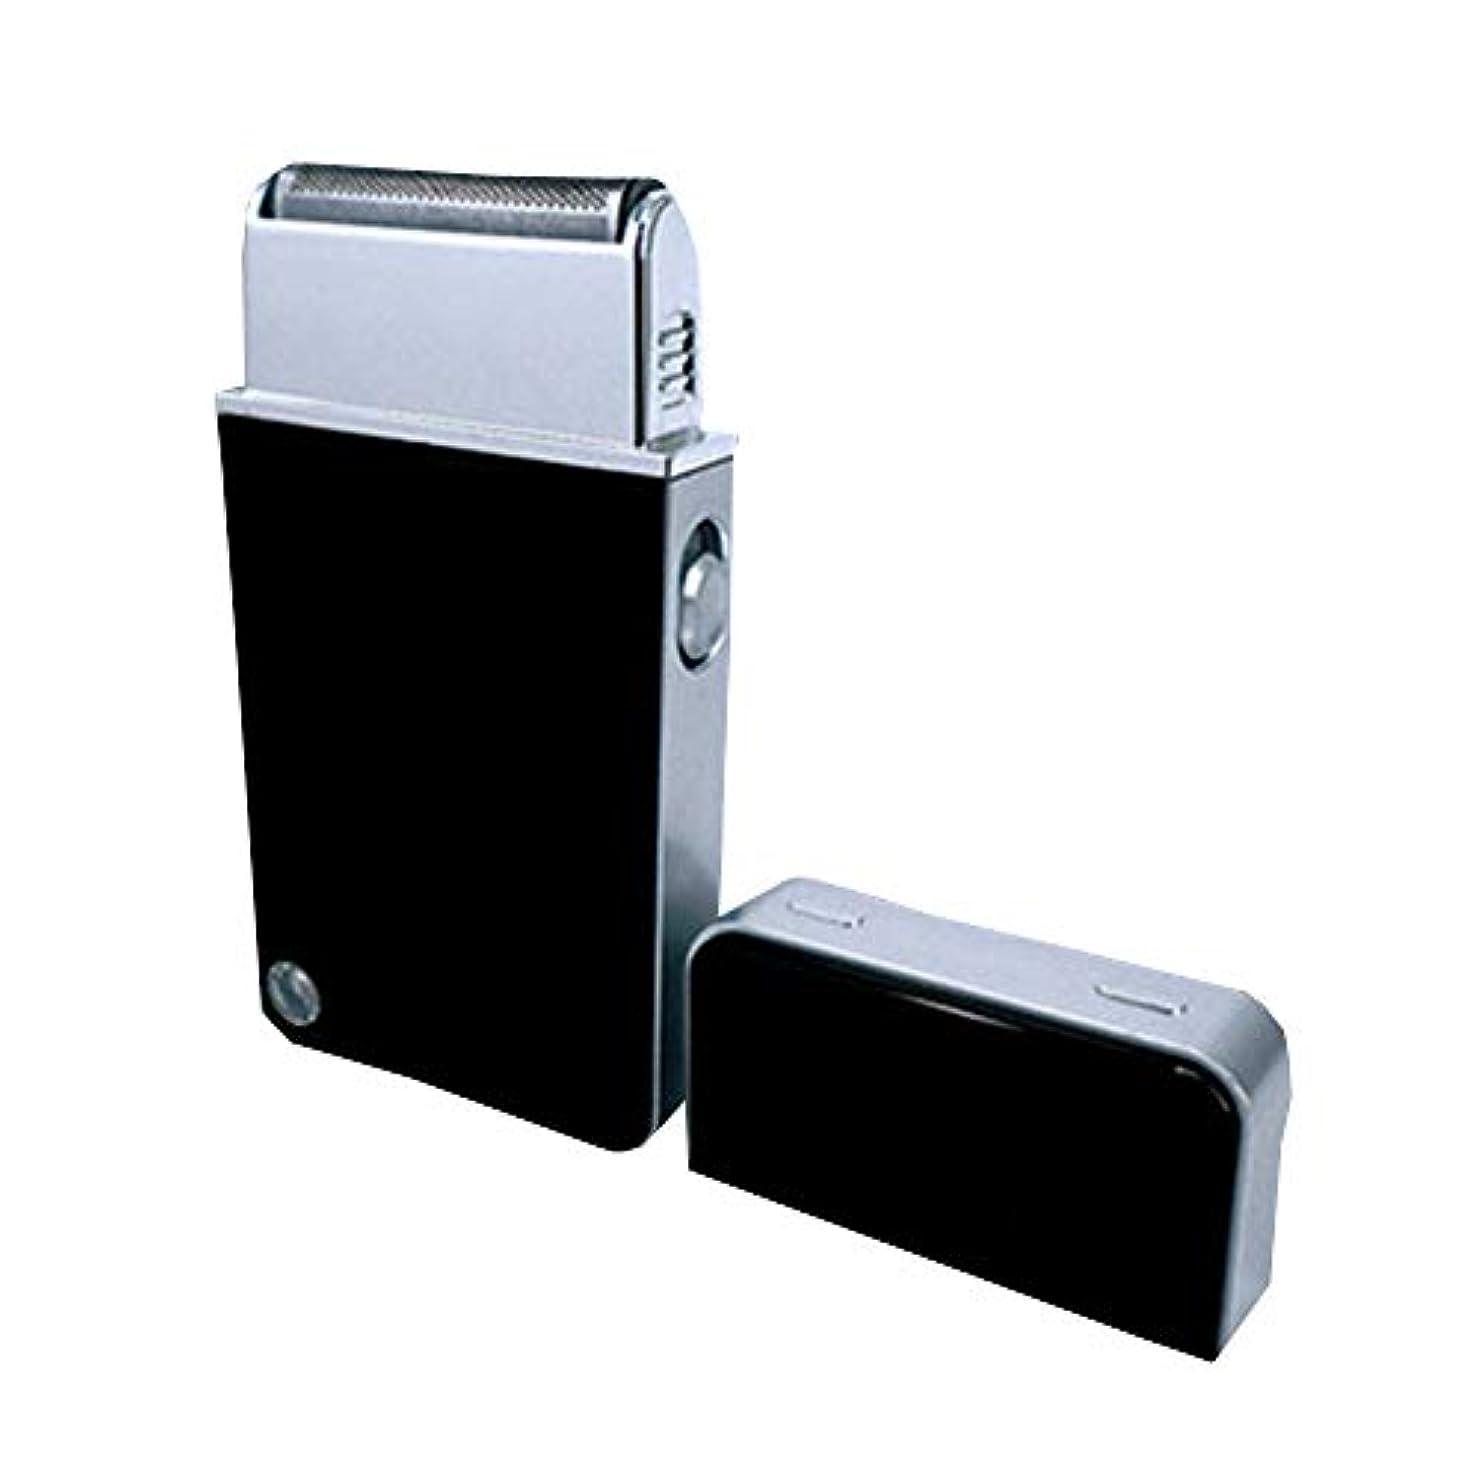 あそこ昼寝応用メンズシェーバー USB充電式 電気シェーバー ひげ剃り コンパクト 携帯用シェーバー 旅行用 軽量 ギフトCSH004